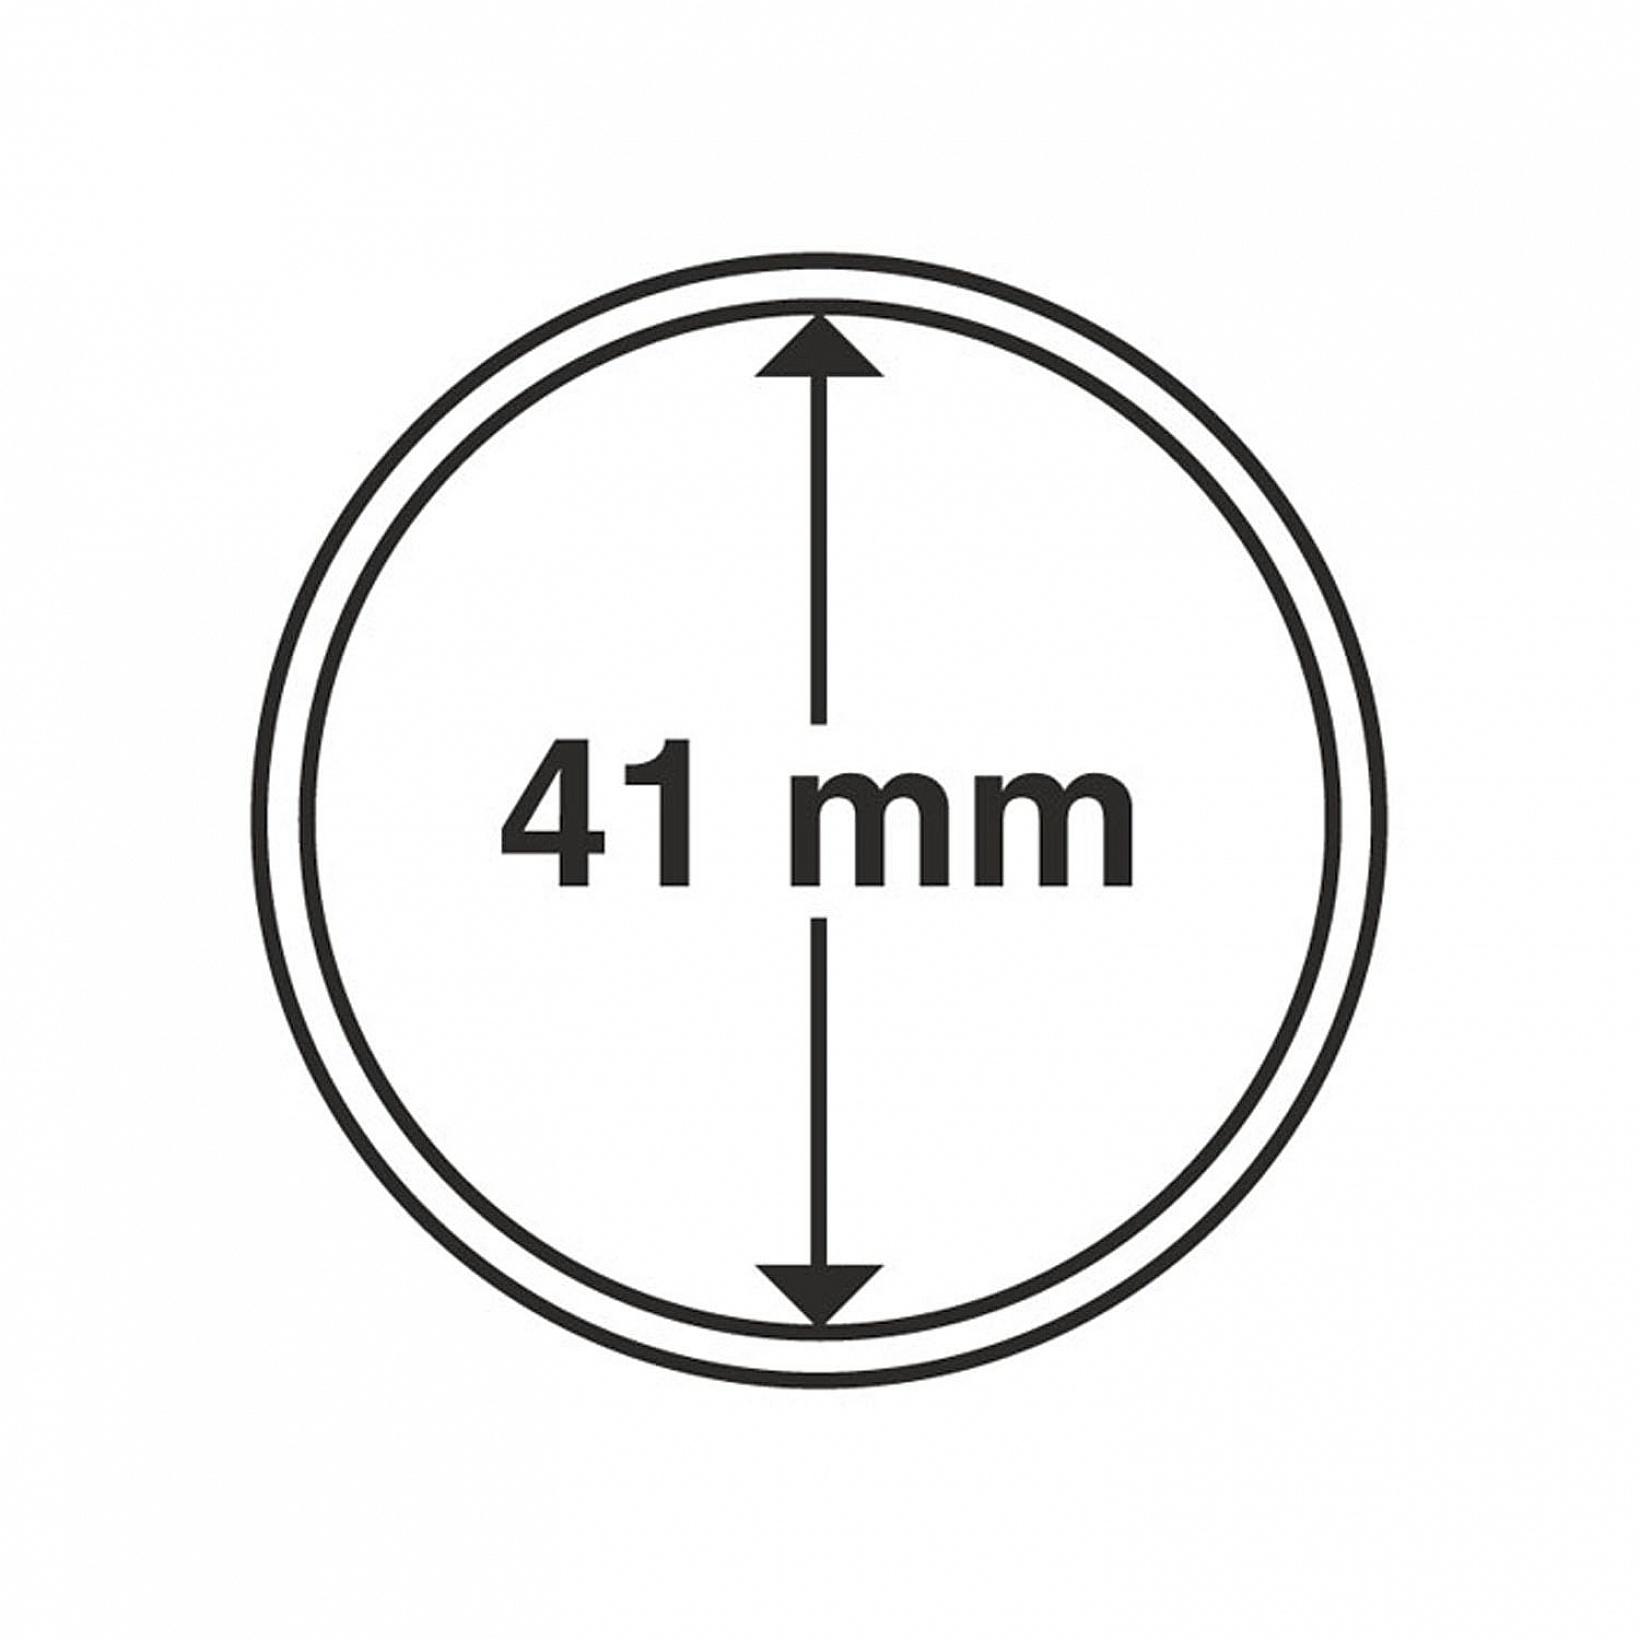 coin-capsules-inner-diameter-41-mm